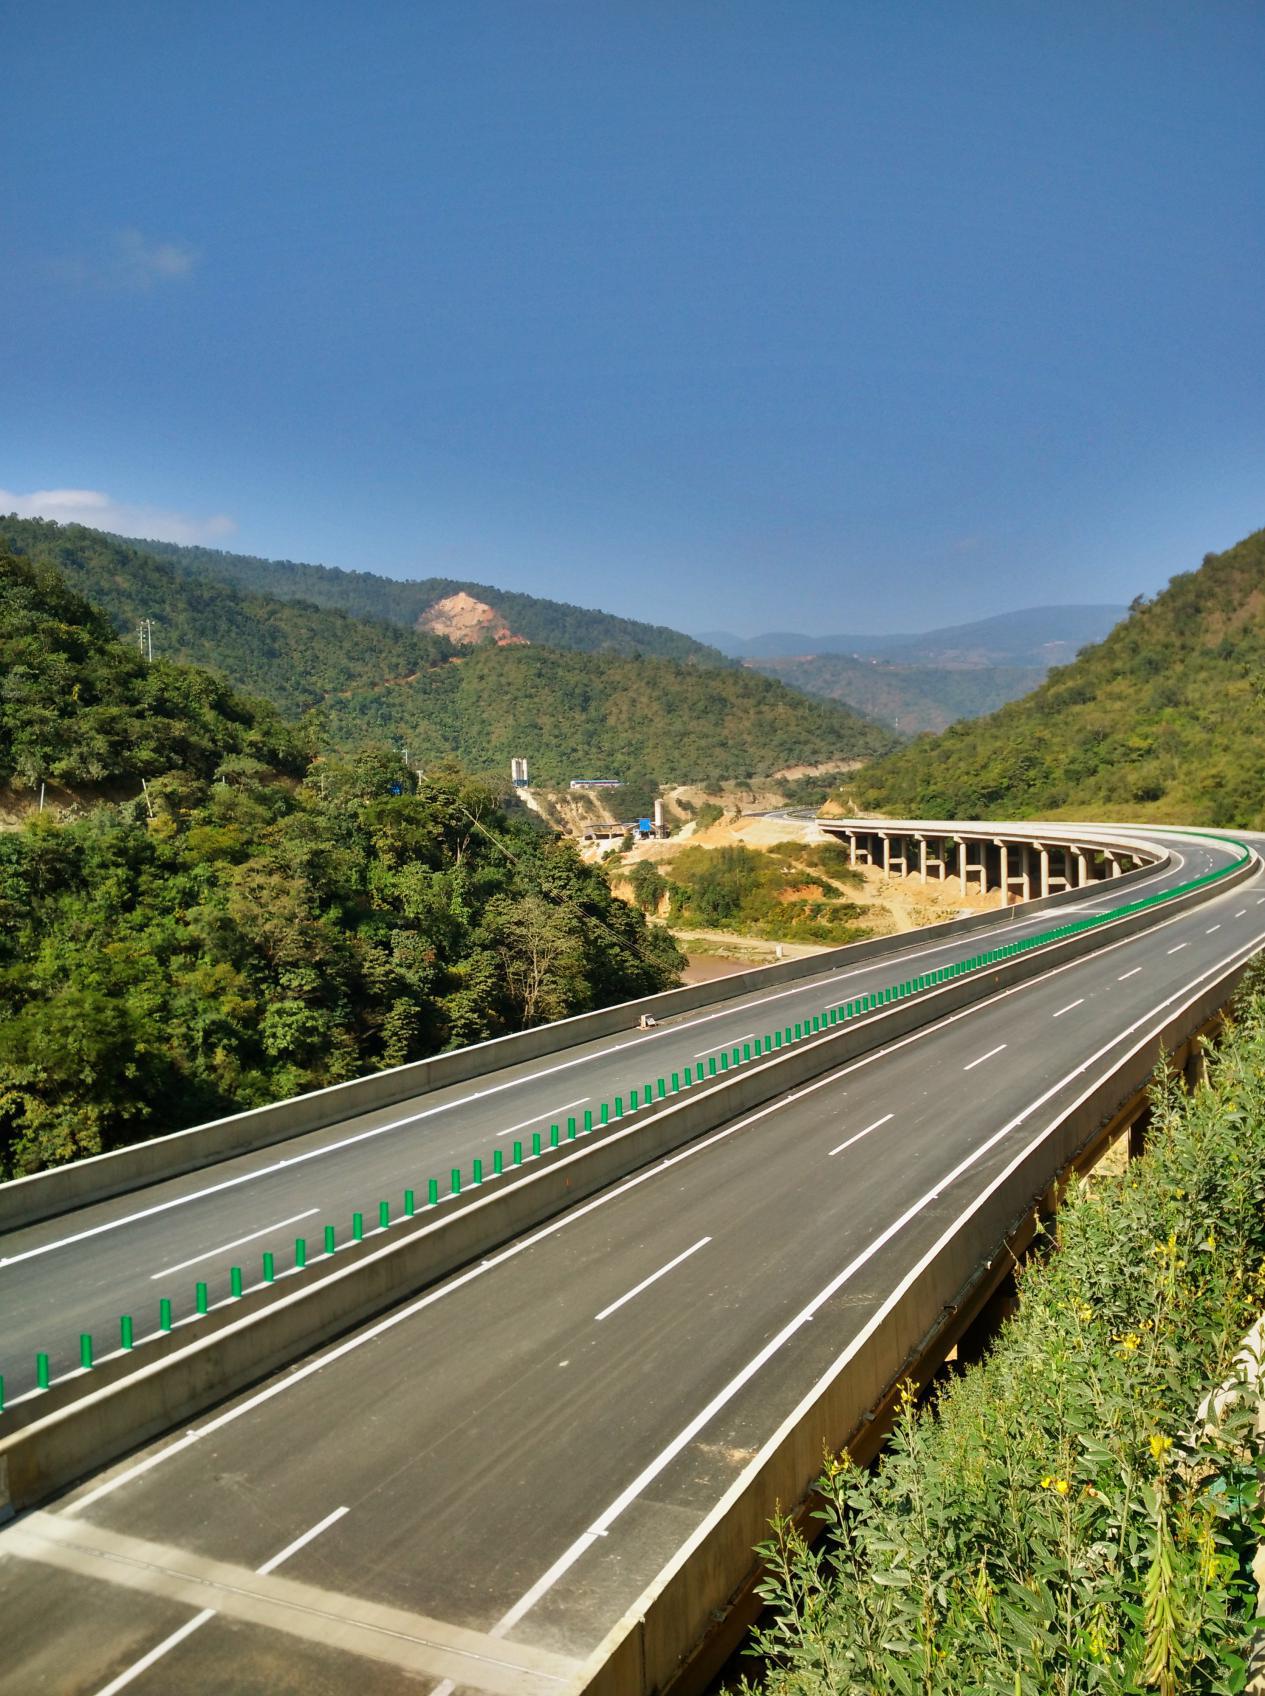 國道323線瑞金-韶關-柳州-臨滄公路石屏至元江(紅龍廠)段高速公路